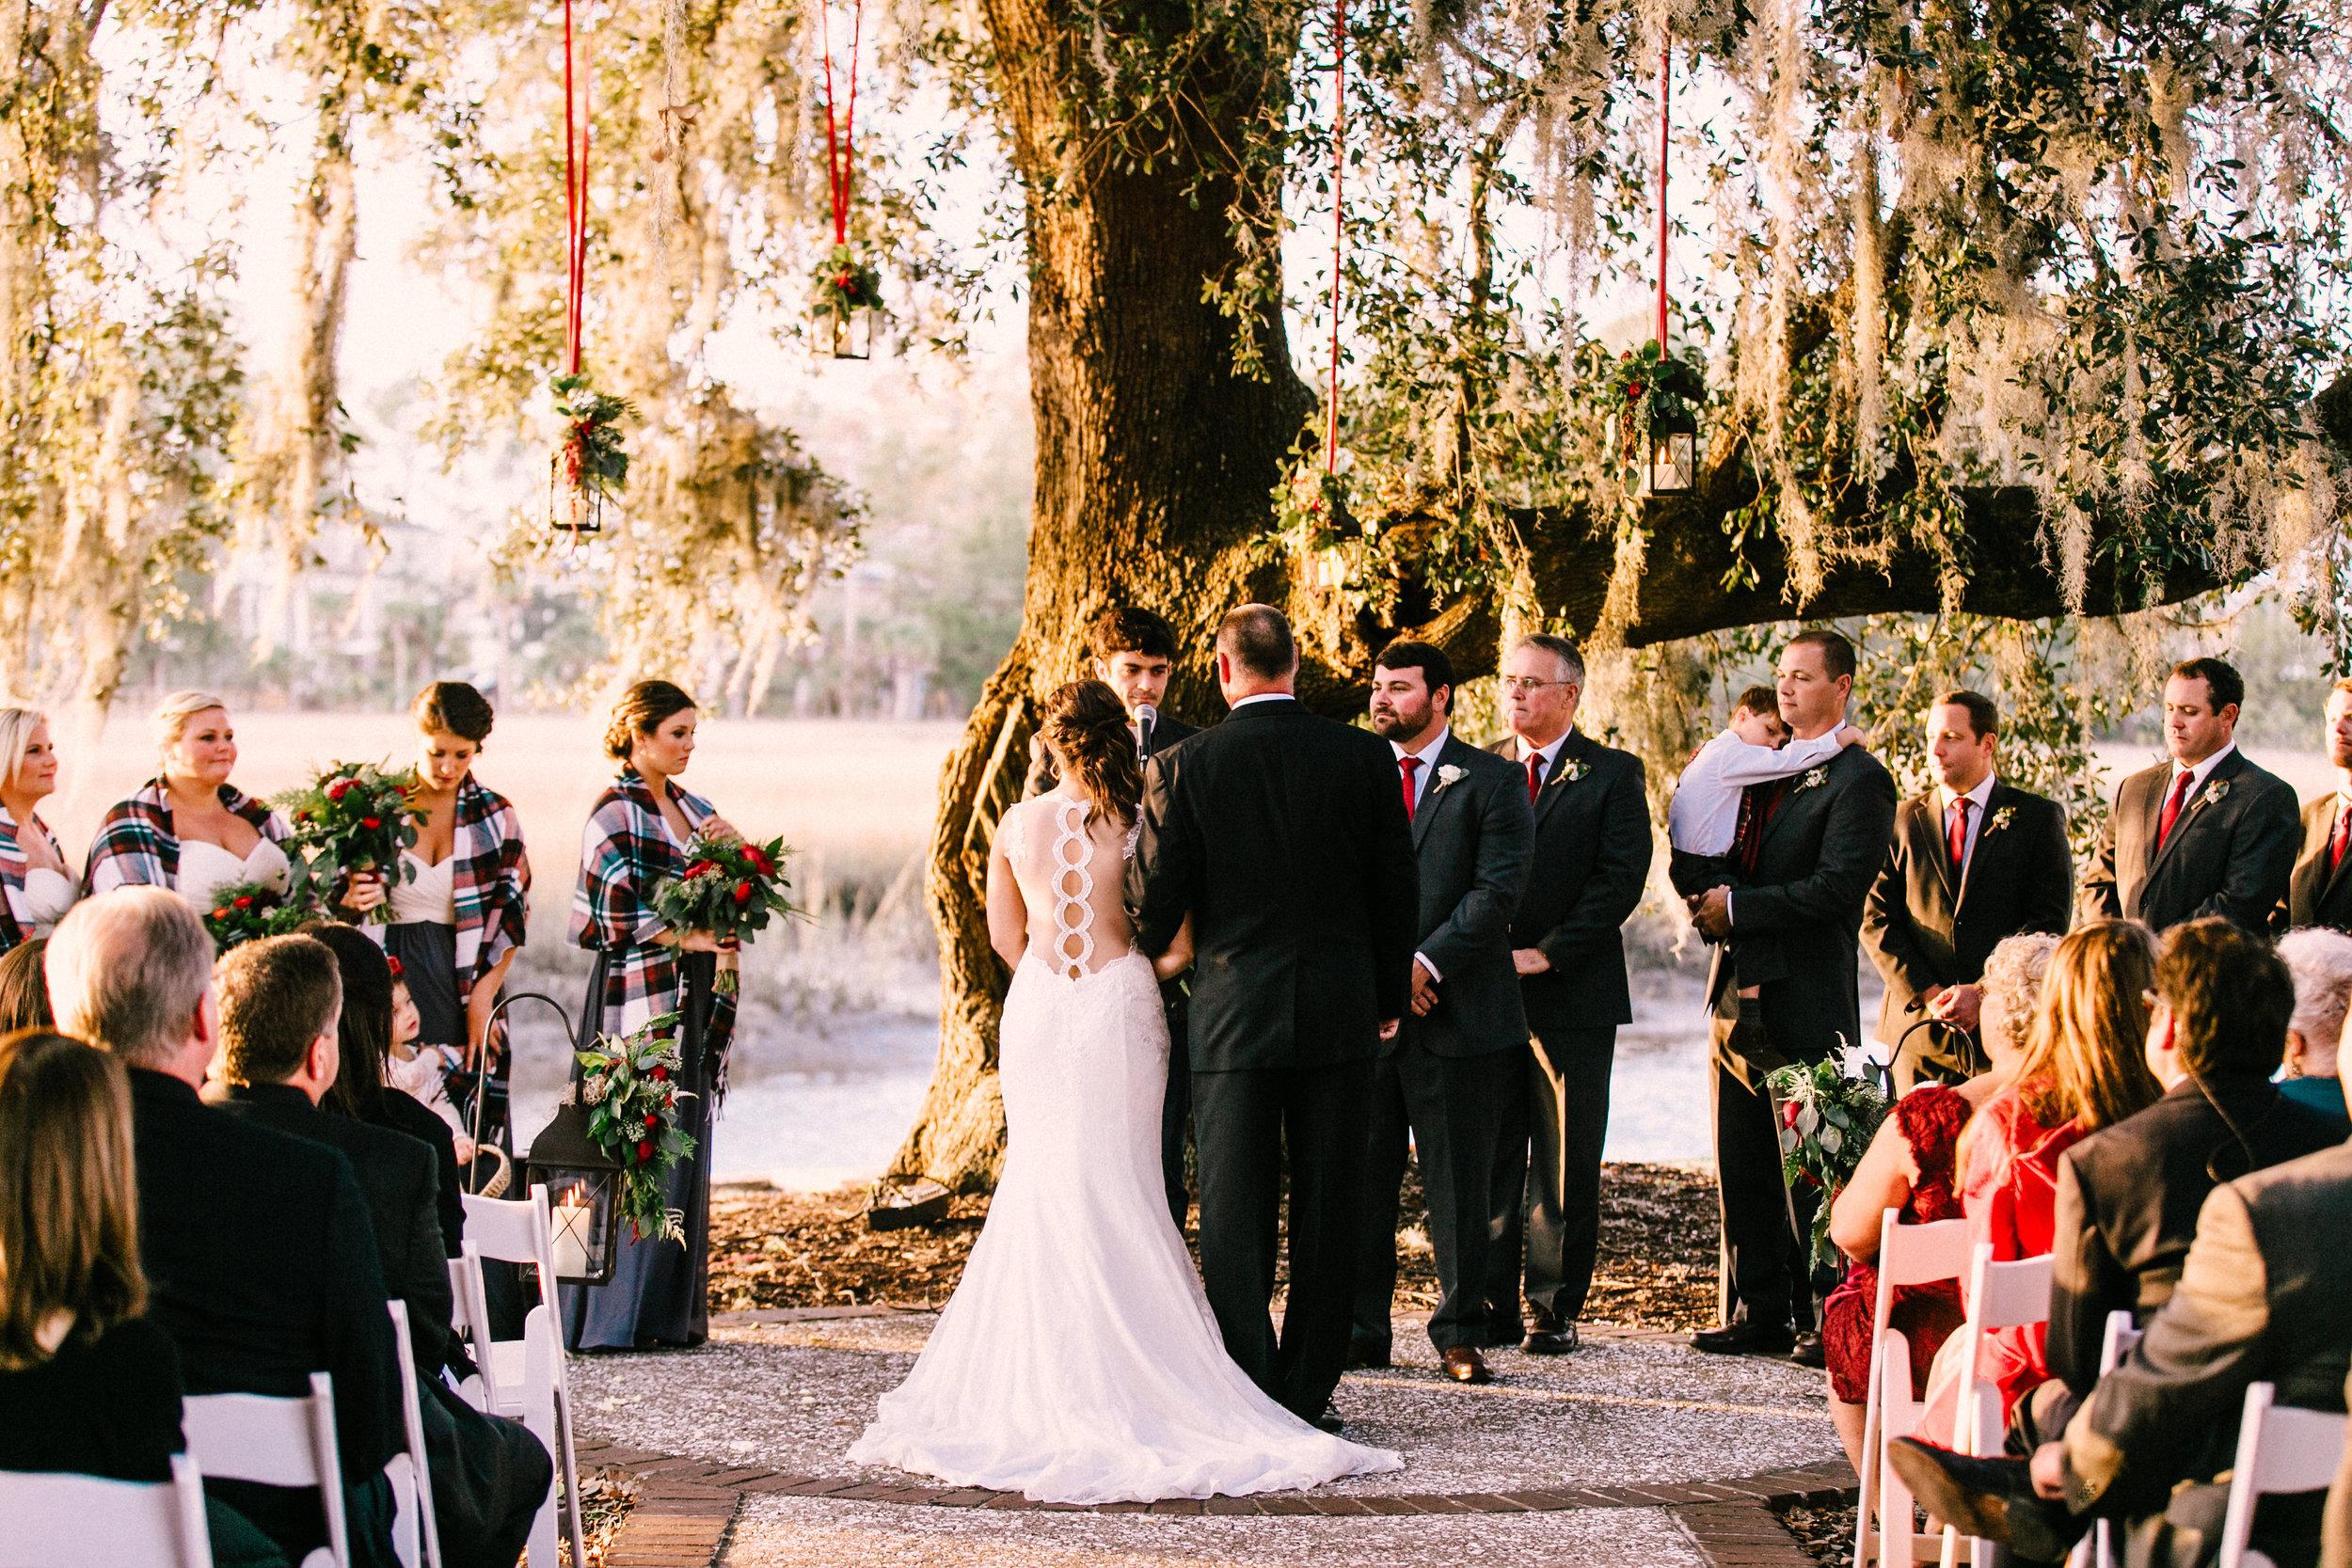 dunes-west-wedding-17.jpg